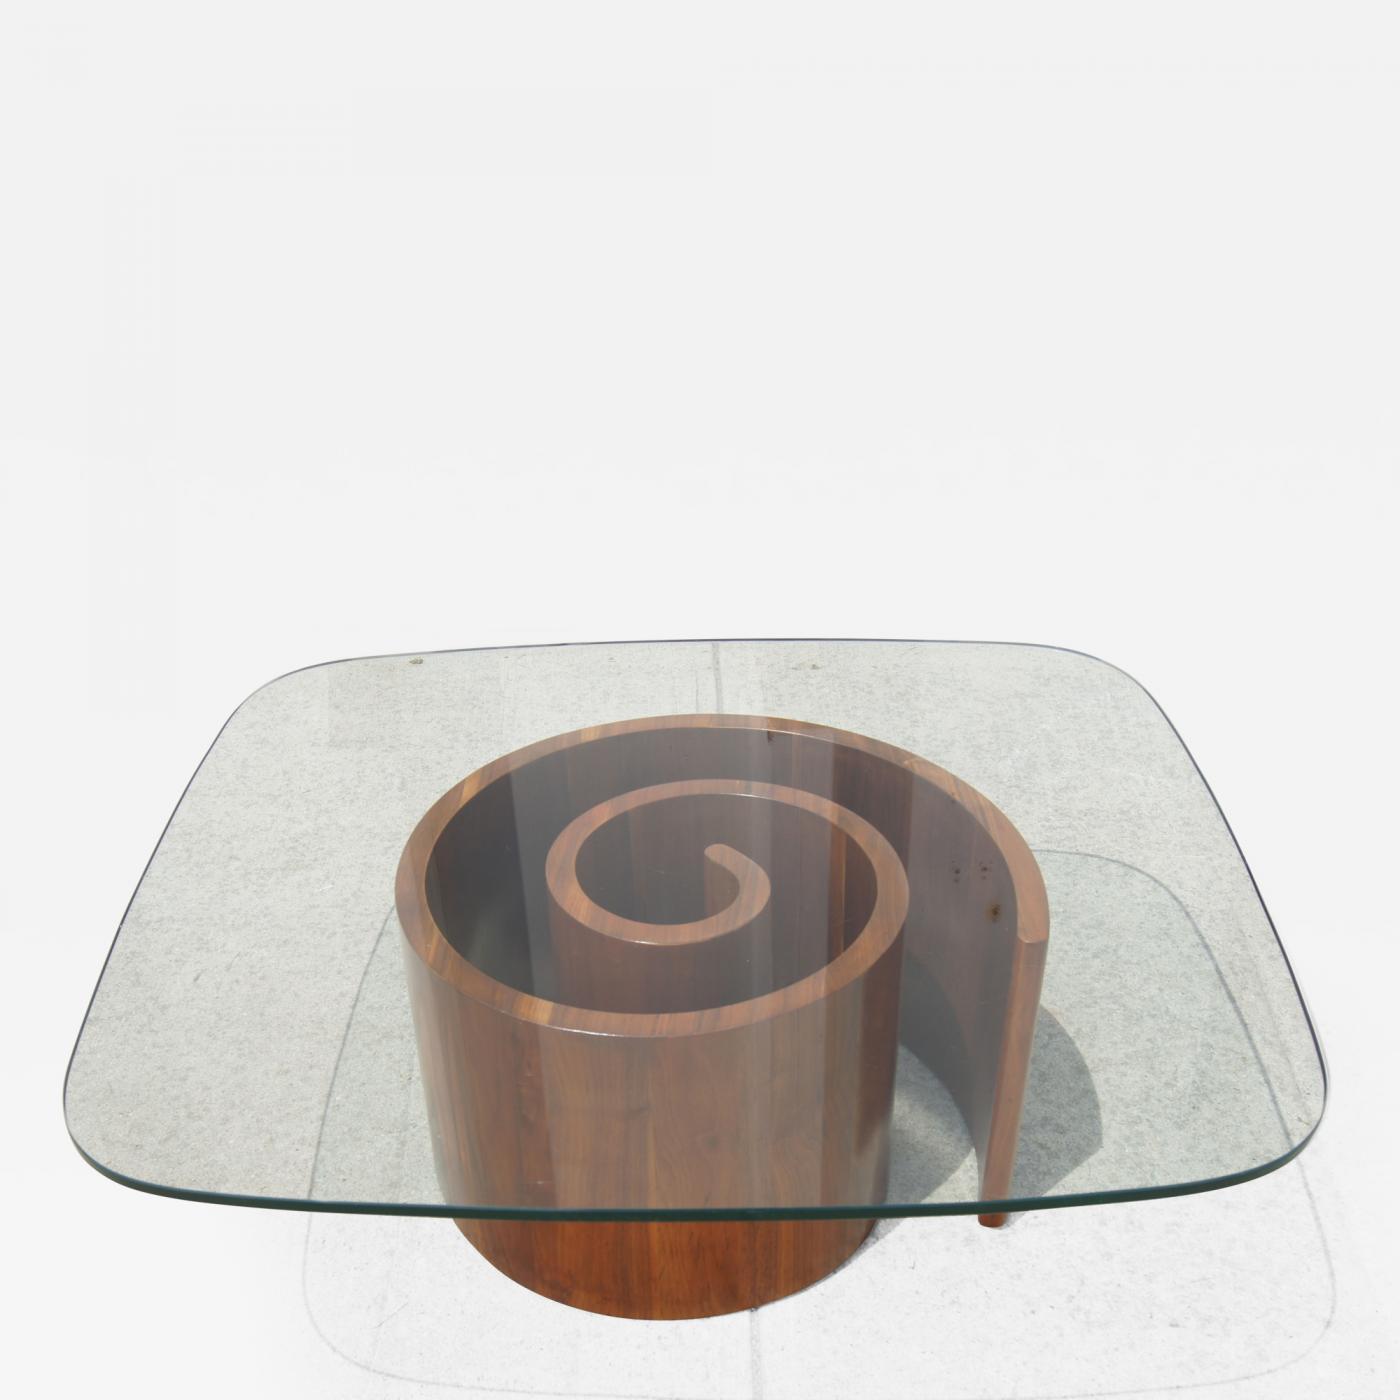 Vladimir Kagan Walnut Glass Snail Coffee Table By Vladimir Kagan